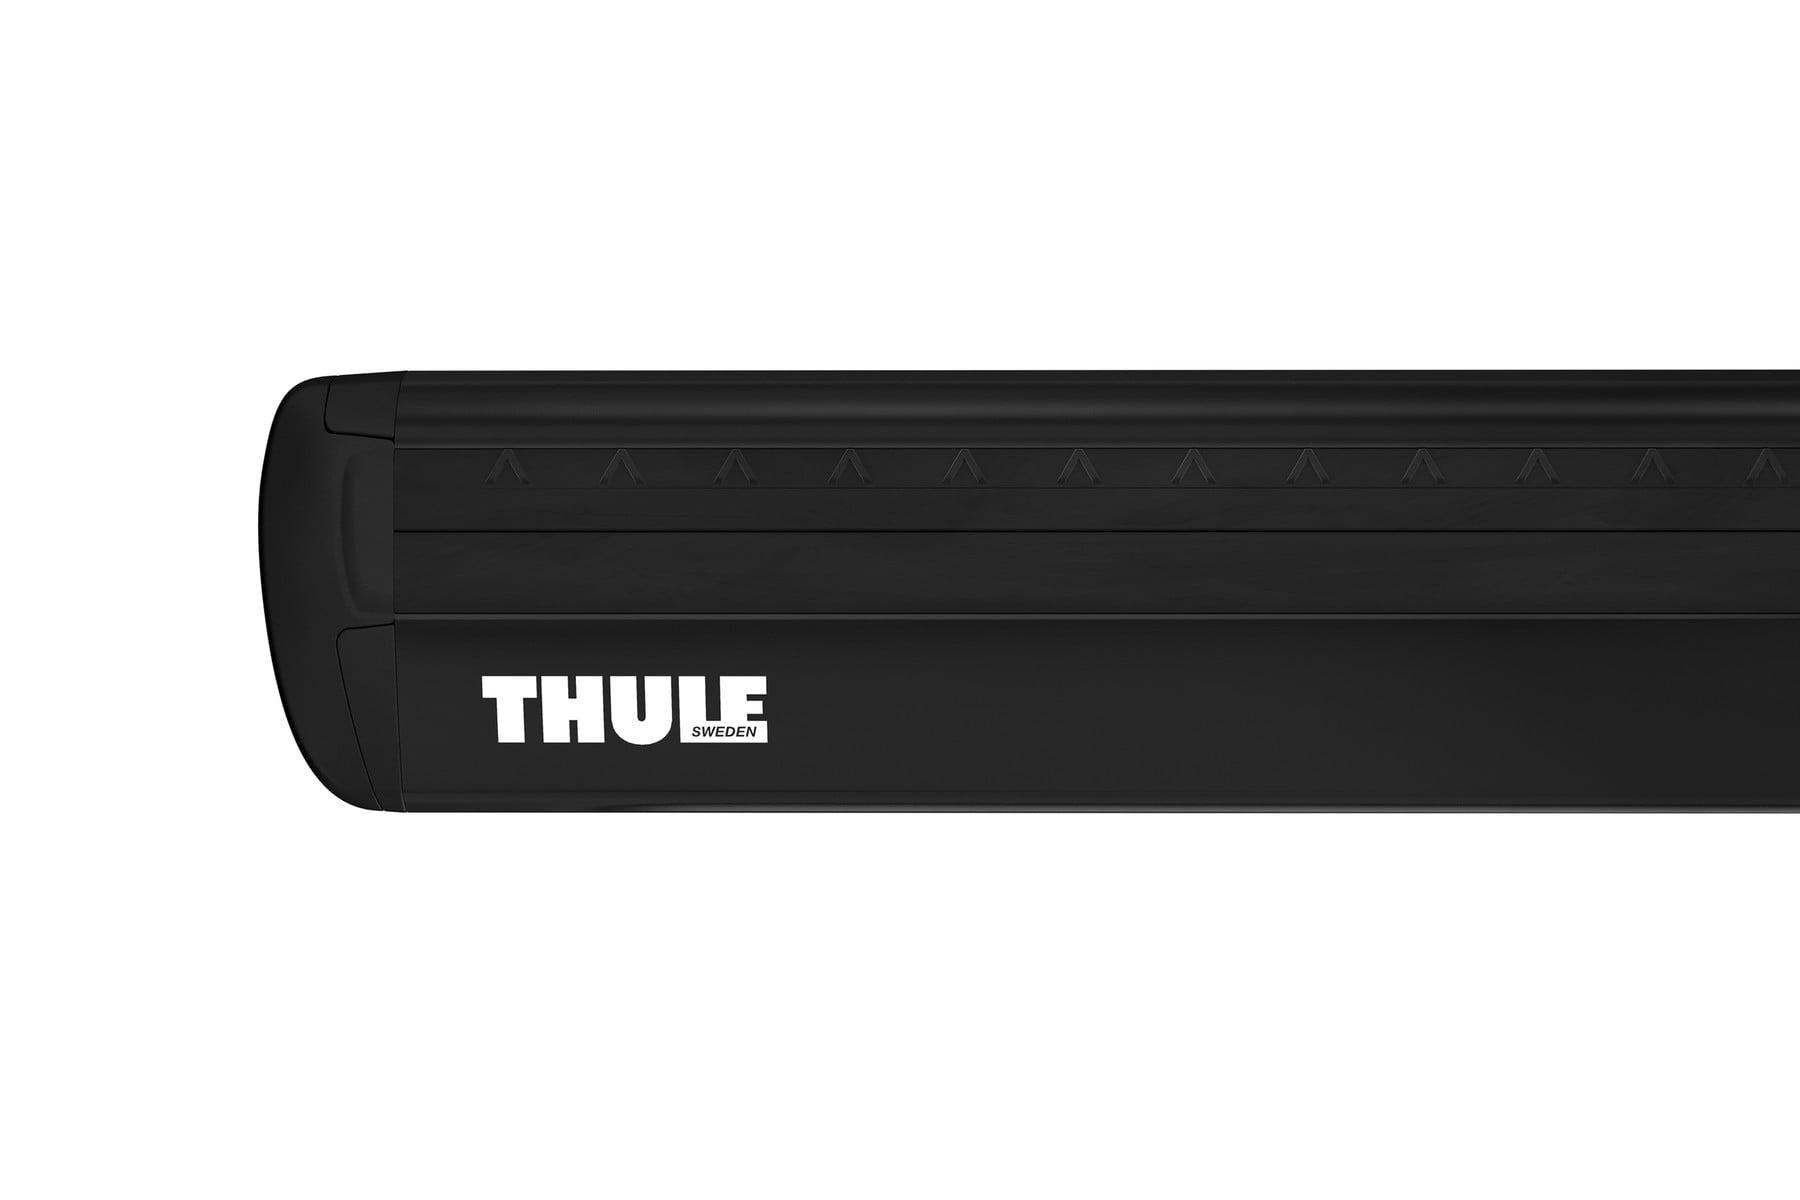 Thule WingBar Evo 118 4